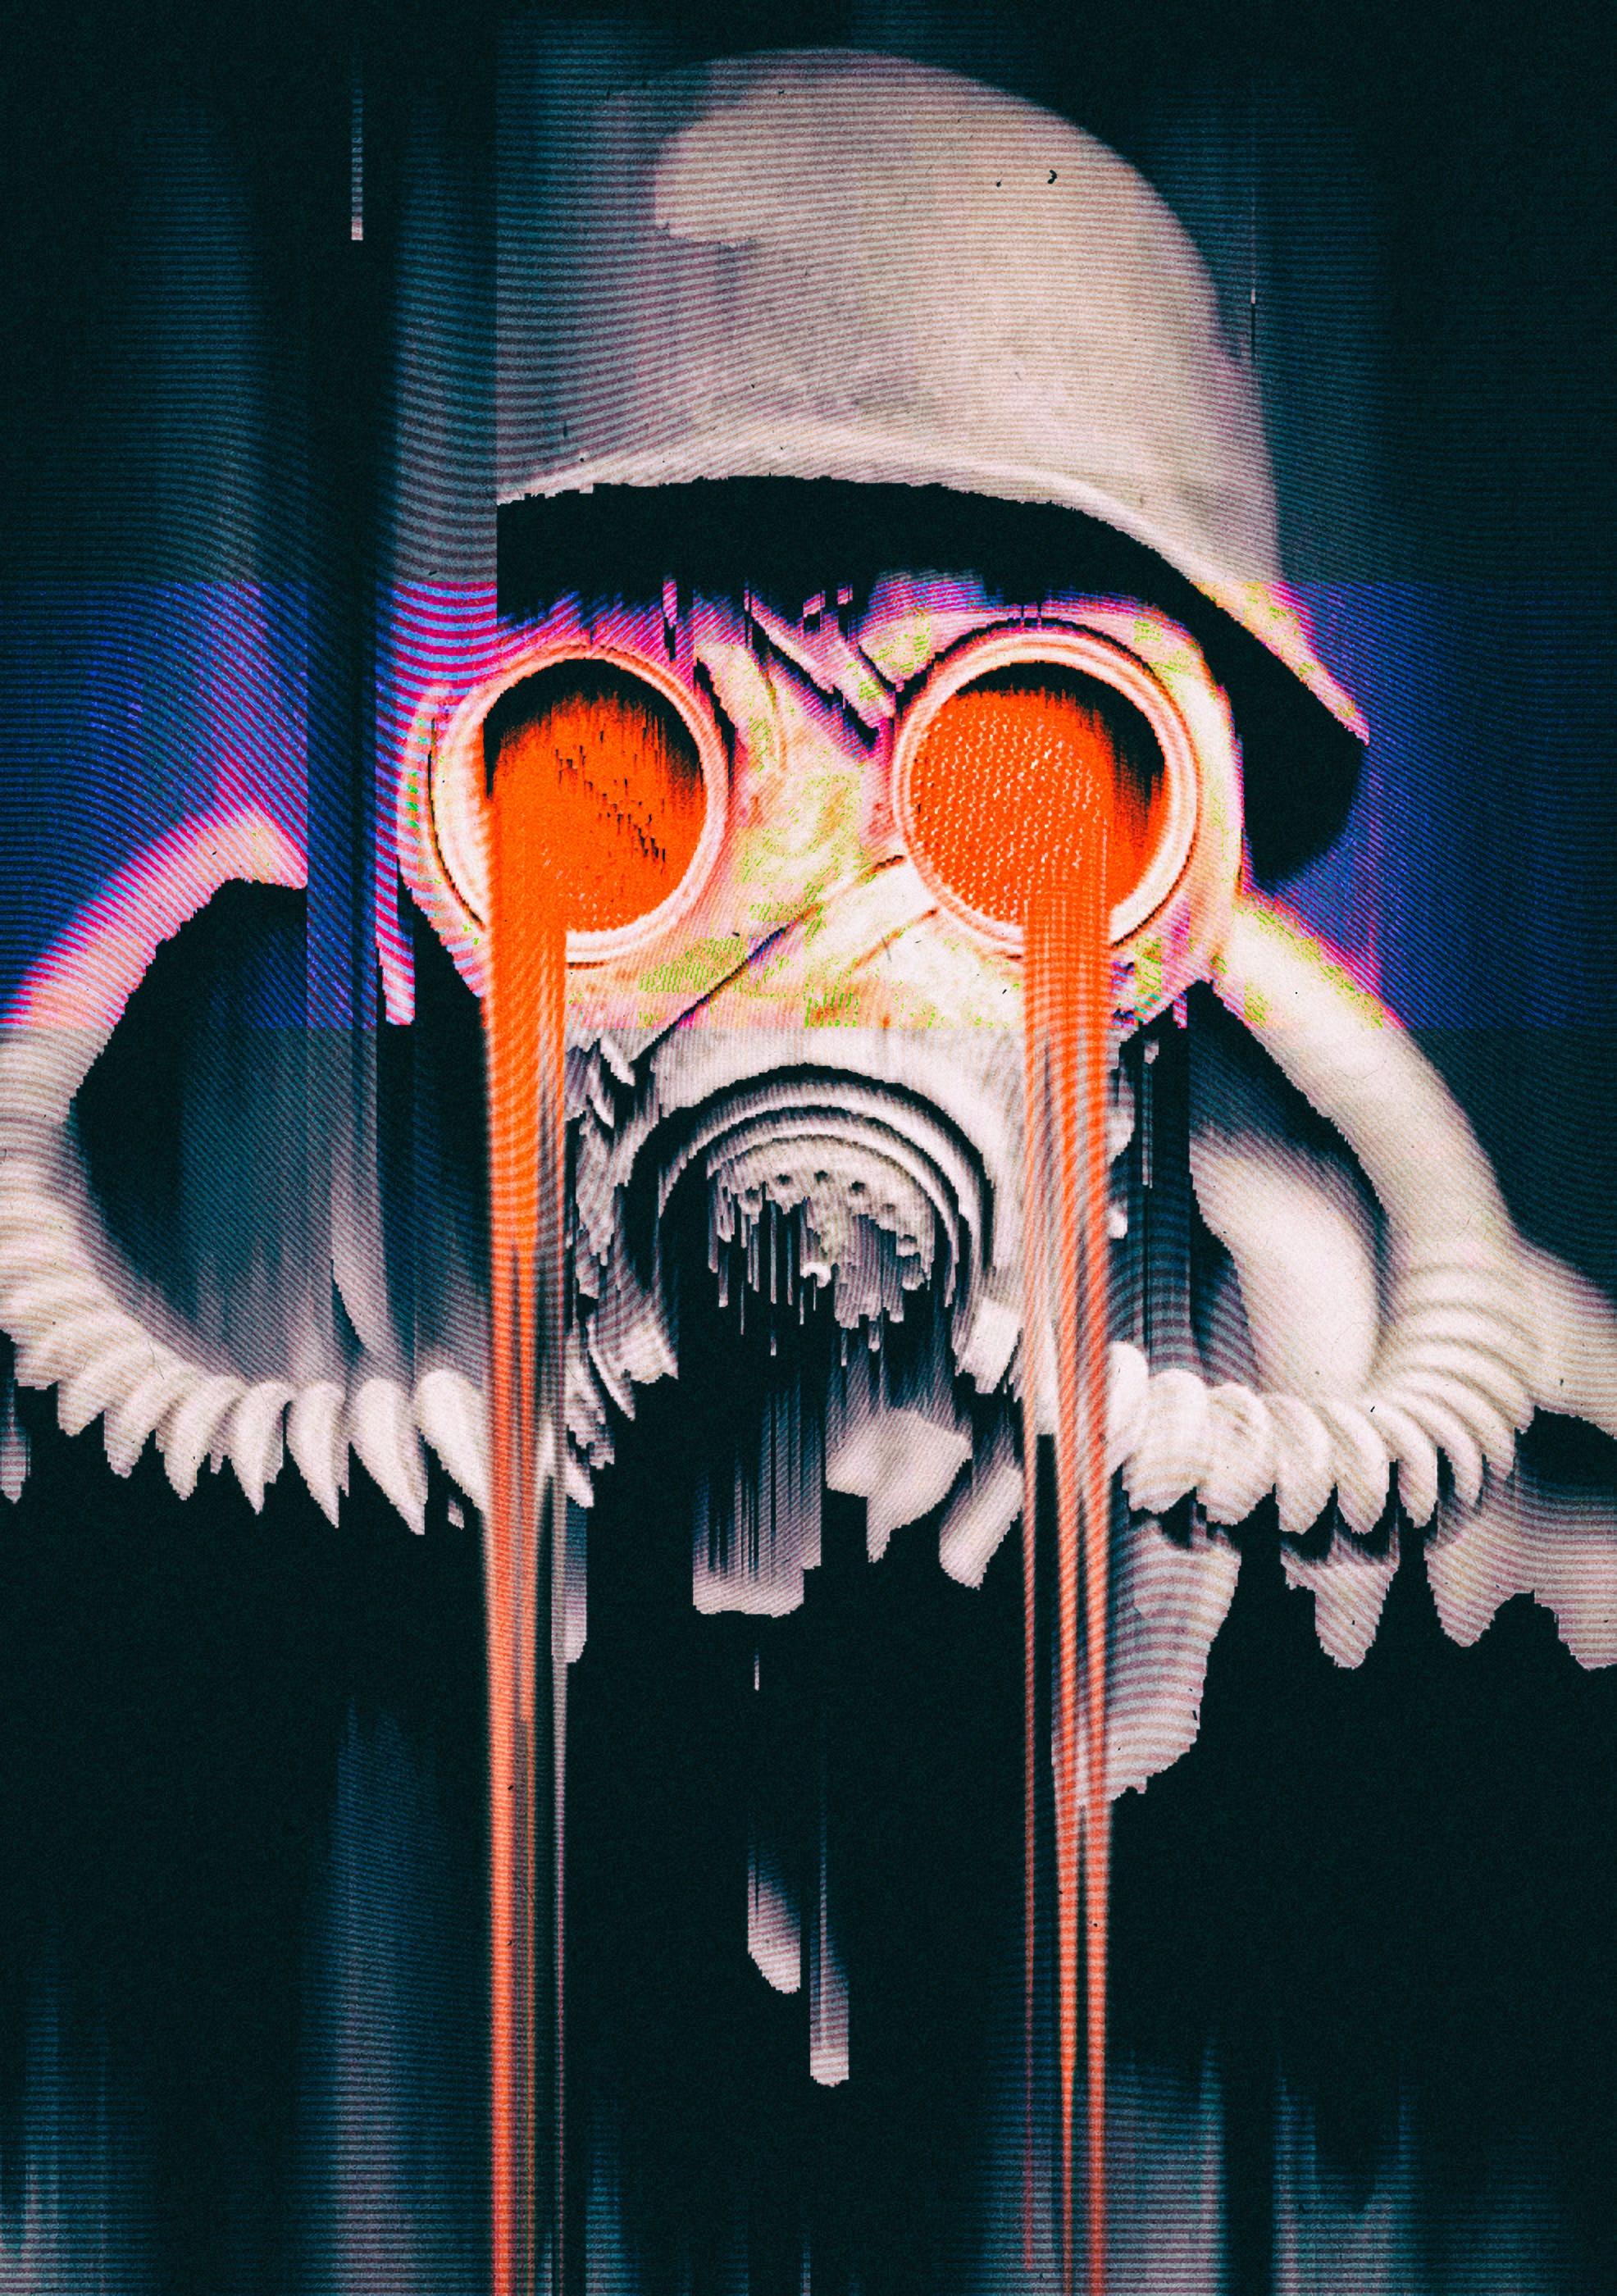 156353 Hintergrundbild herunterladen Verschiedenes, Sonstige, Maske, Gasmaske, Panne, Glitch, Respirator, Atemschutzgerät - Bildschirmschoner und Bilder kostenlos